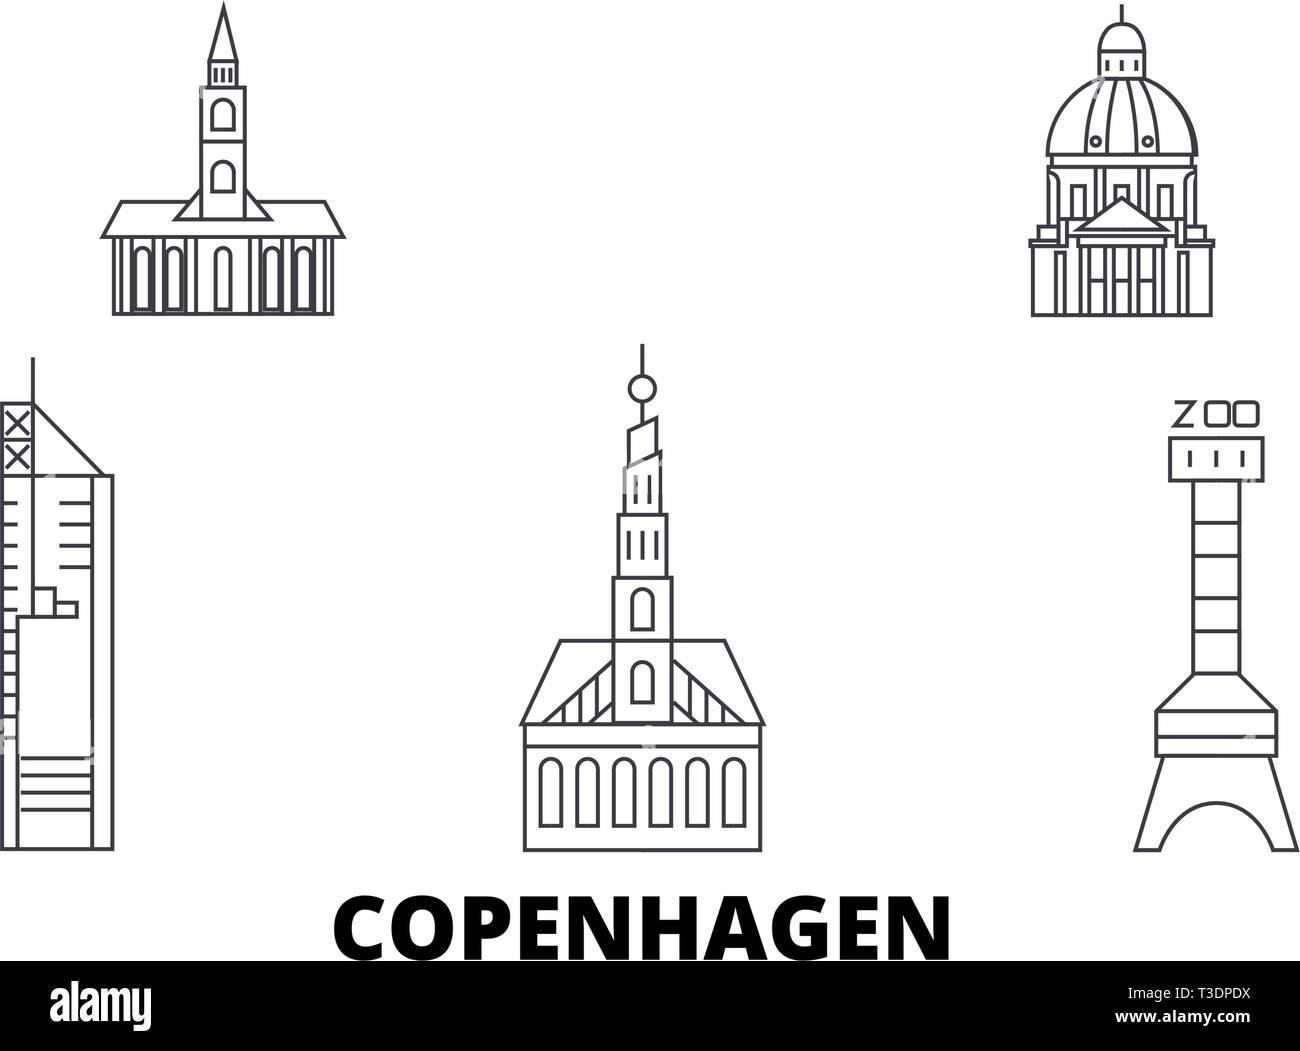 Dinamarca, Copenhague City line travel skyline. Esquema de la ciudad de Copenhague, Dinamarca ilustración vectorial, símbolo de la ciudad, lugares turísticos, monumentos. Ilustración del Vector